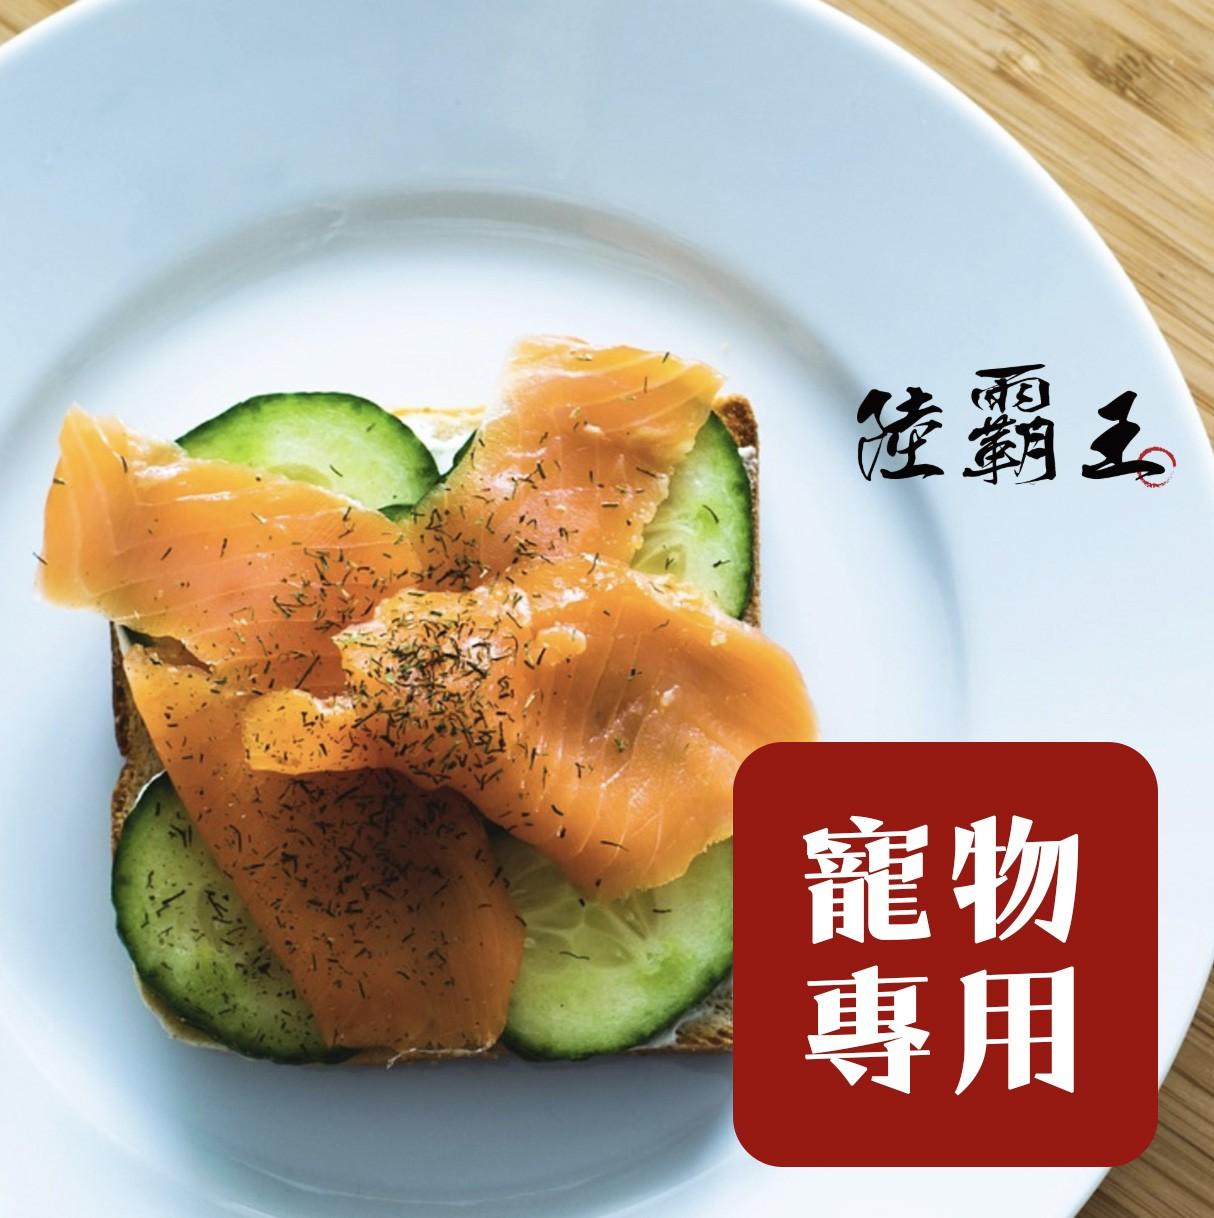 【寵物專用】☆鮭魚清肉☆500g/包_2包現折$48